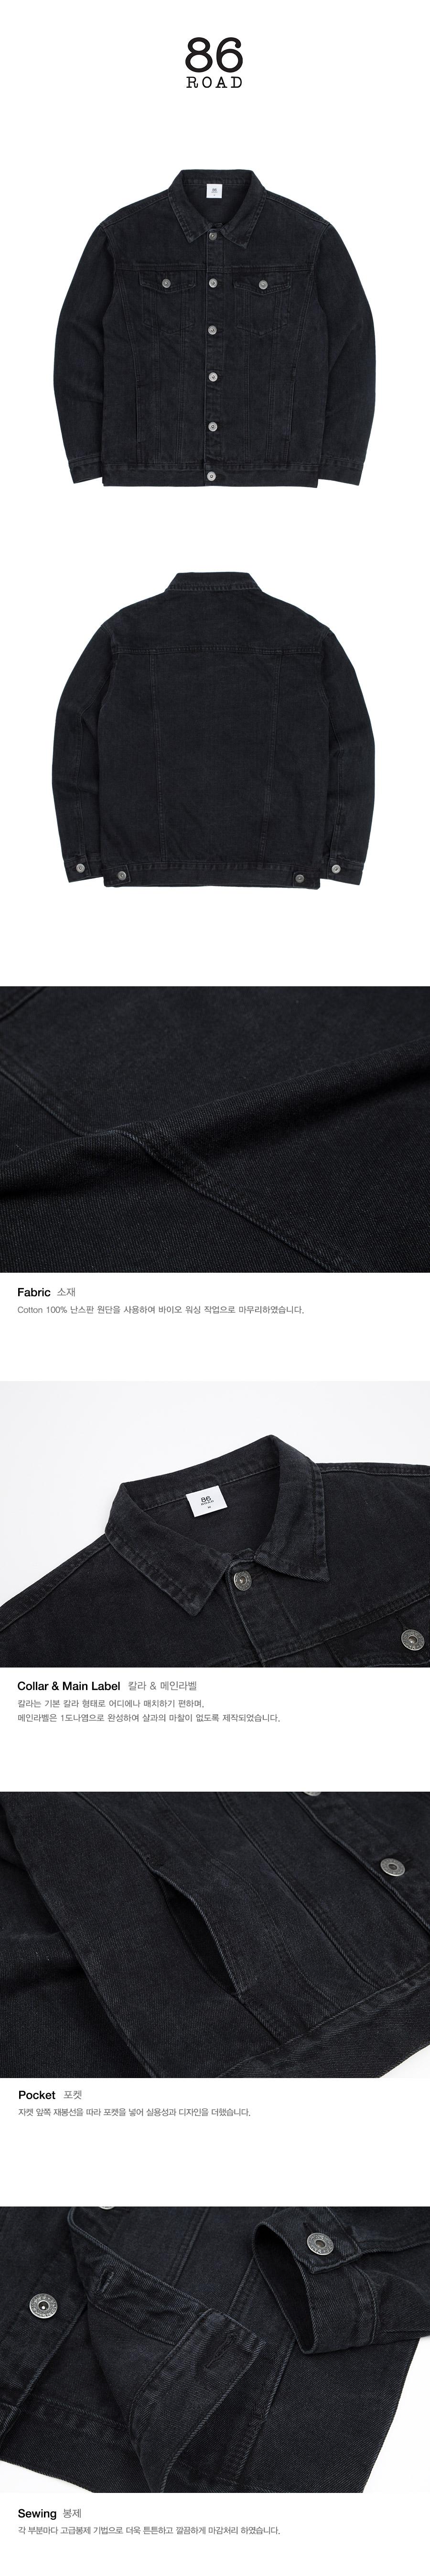 86로드(86ROAD) 2724 Washing denim jacket (Black)